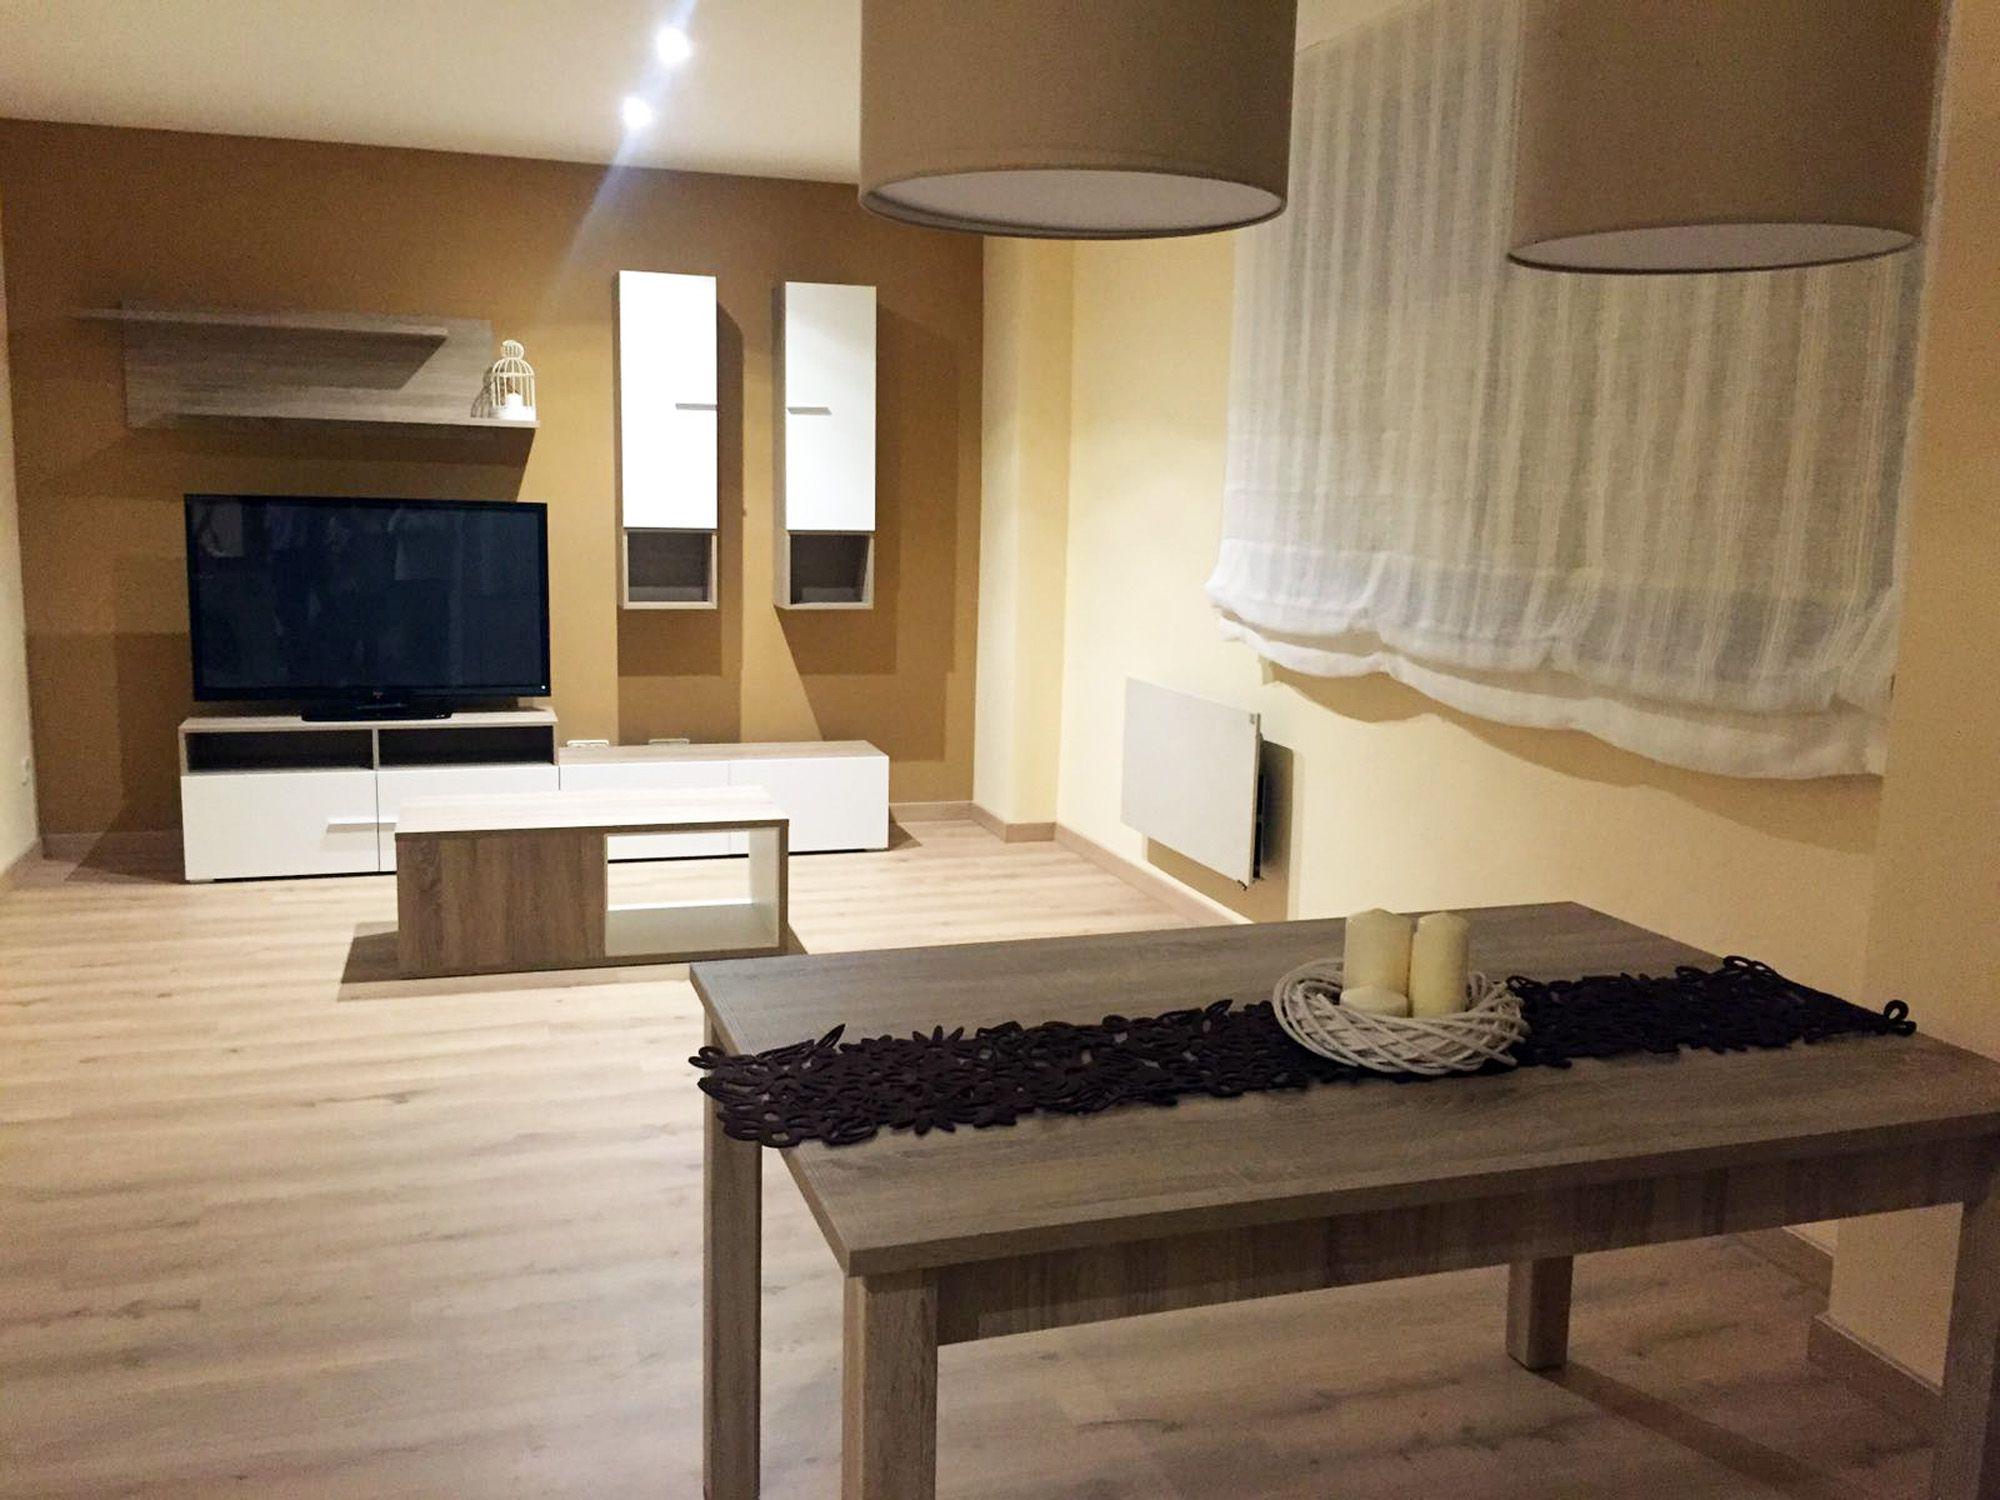 Foto 41 De Muebles En Guadalajara Colchoner A Castilla # Muebles Guadalajara